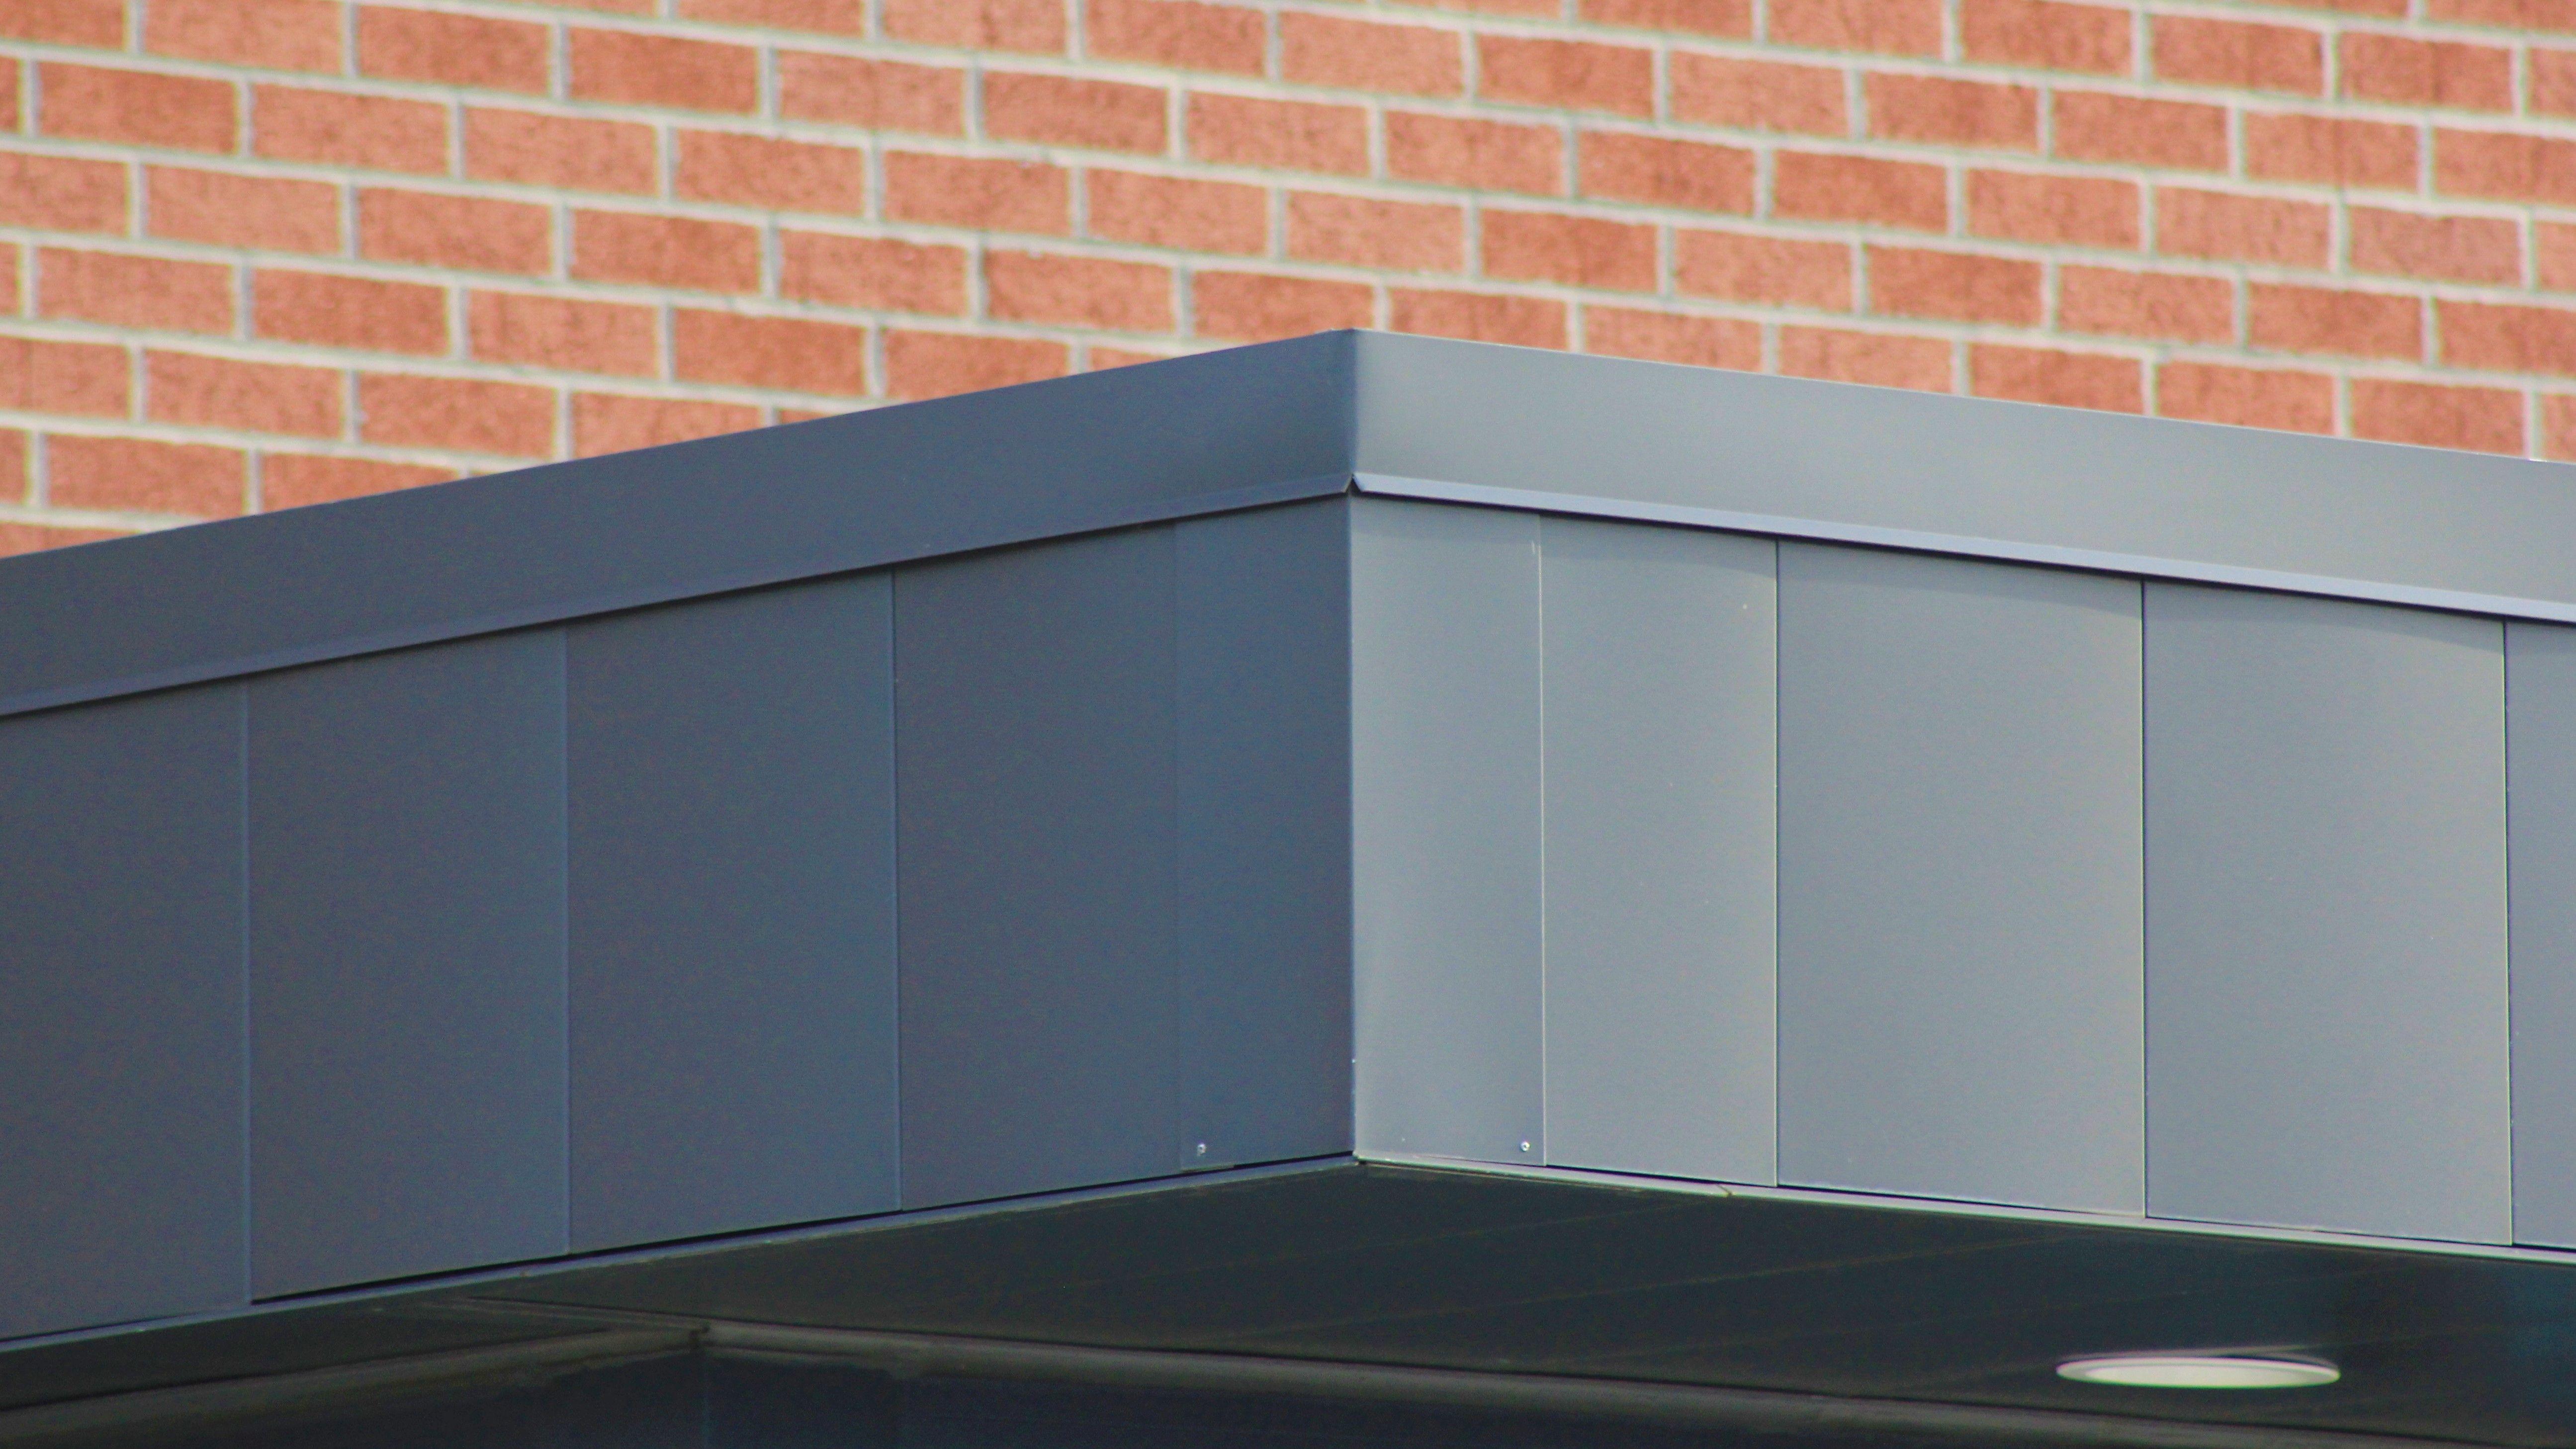 12 Quot Flush Panel Fp1012 Metal Concealed Fastener